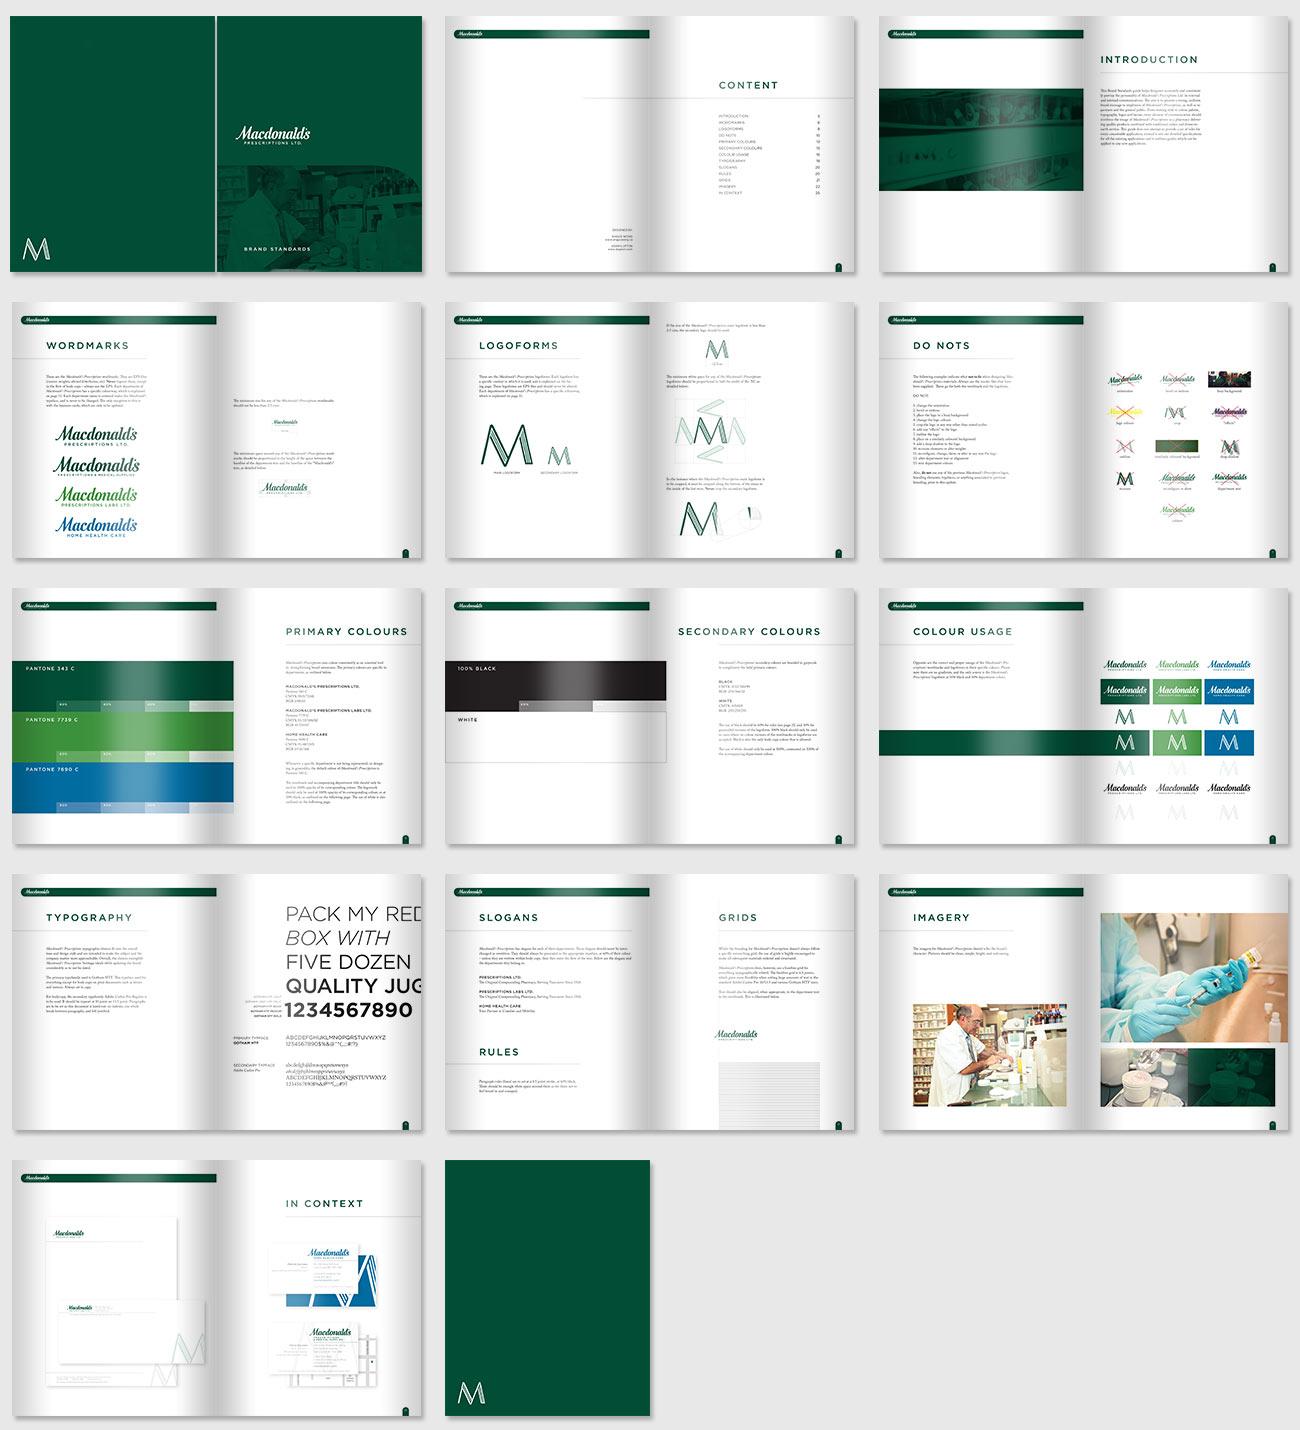 Macdonald's Prescriptions & Medical Supplies - Angus Wong Designer